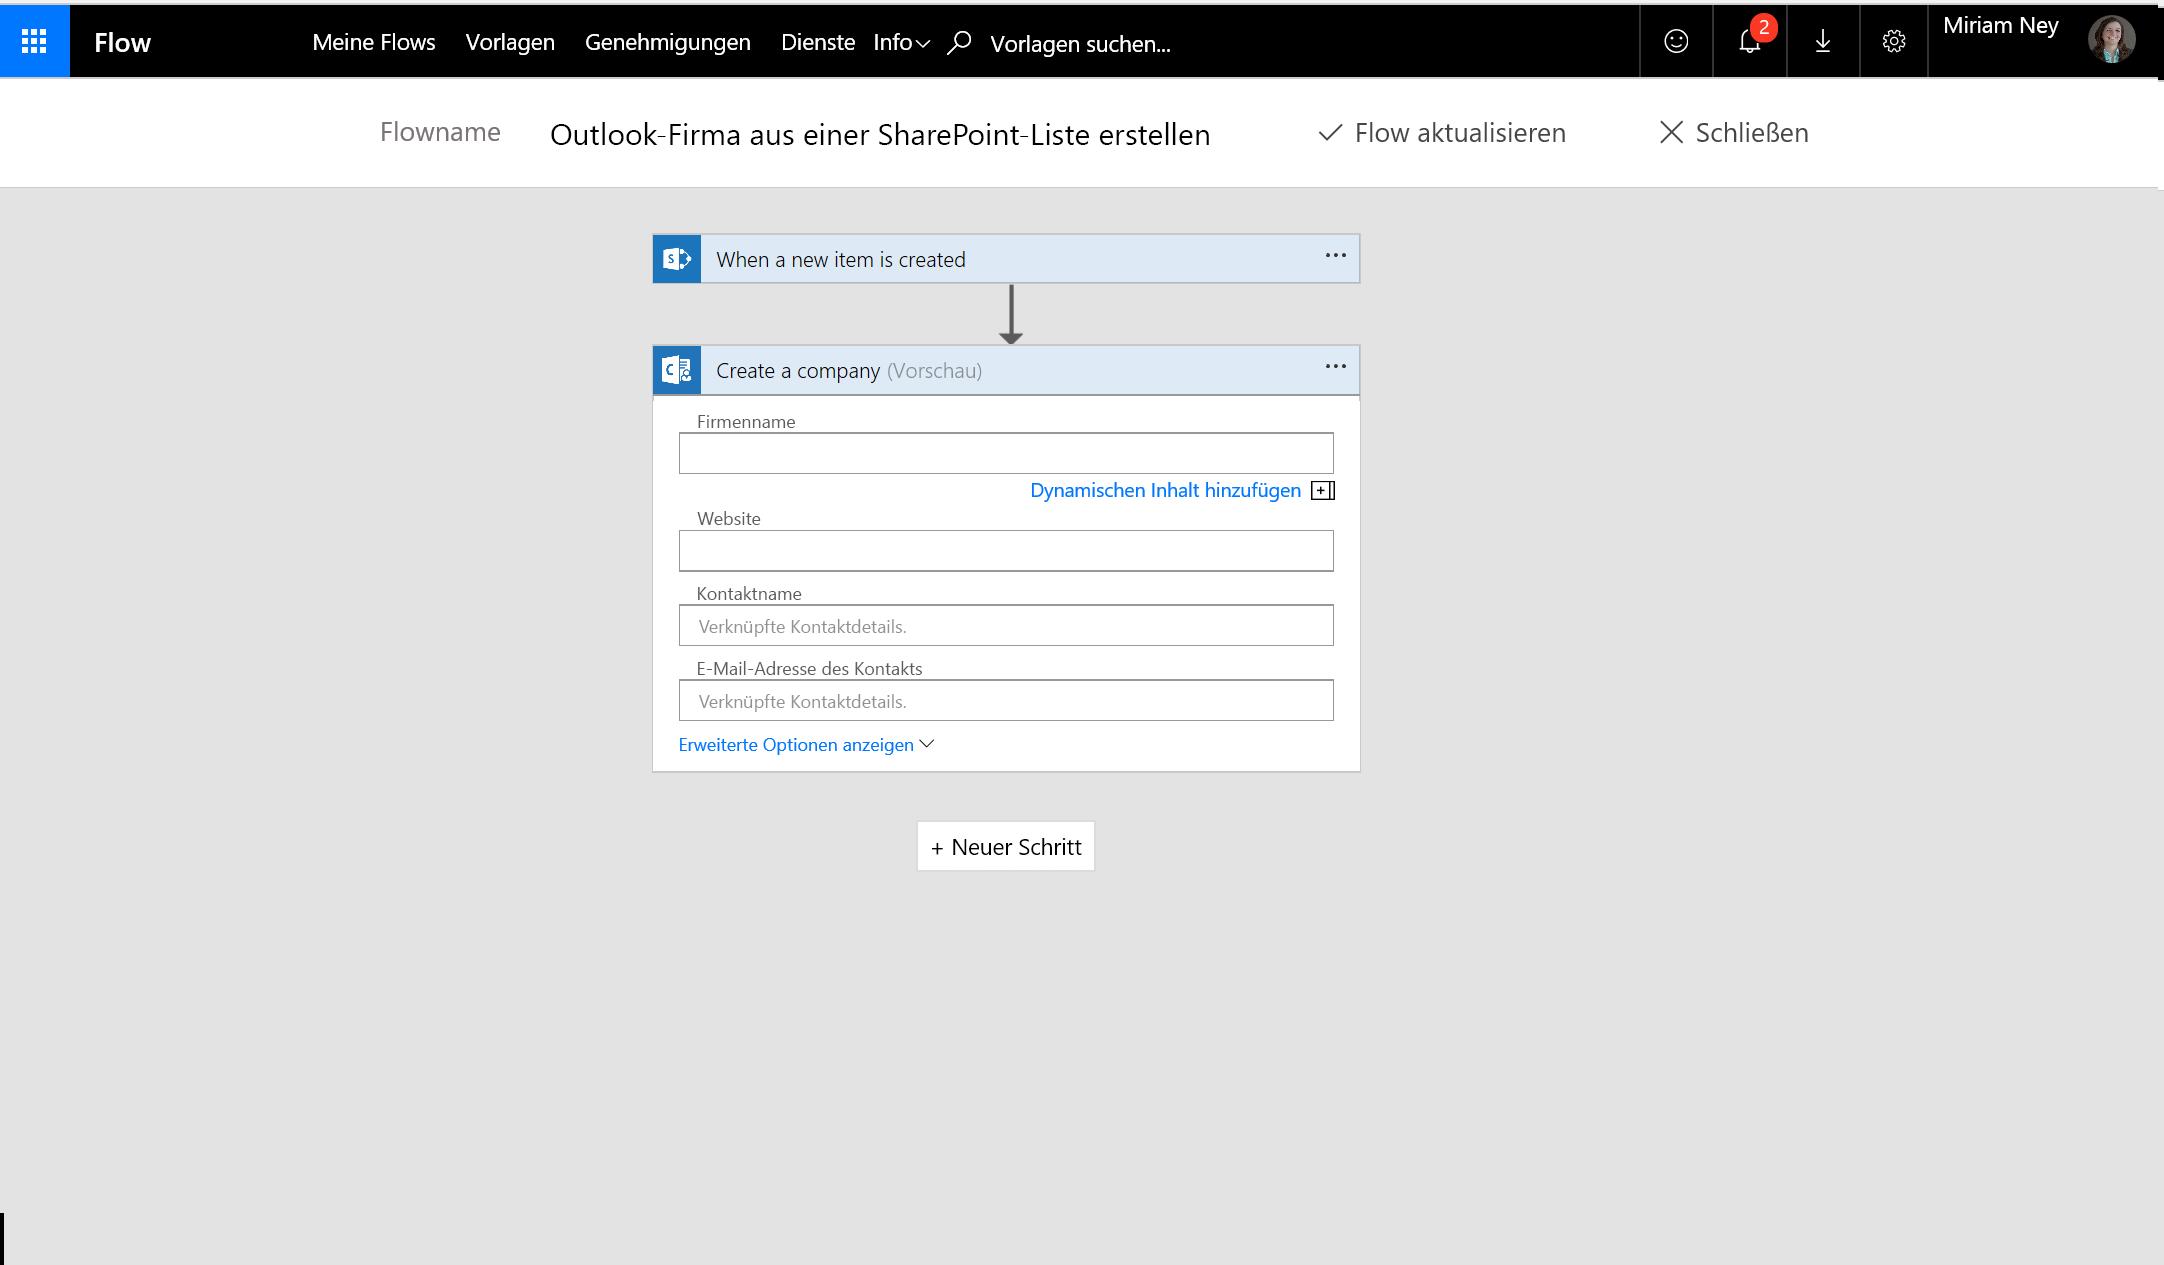 Screenshot zum Erstellen eines Unternehmens mithilfe des Flows